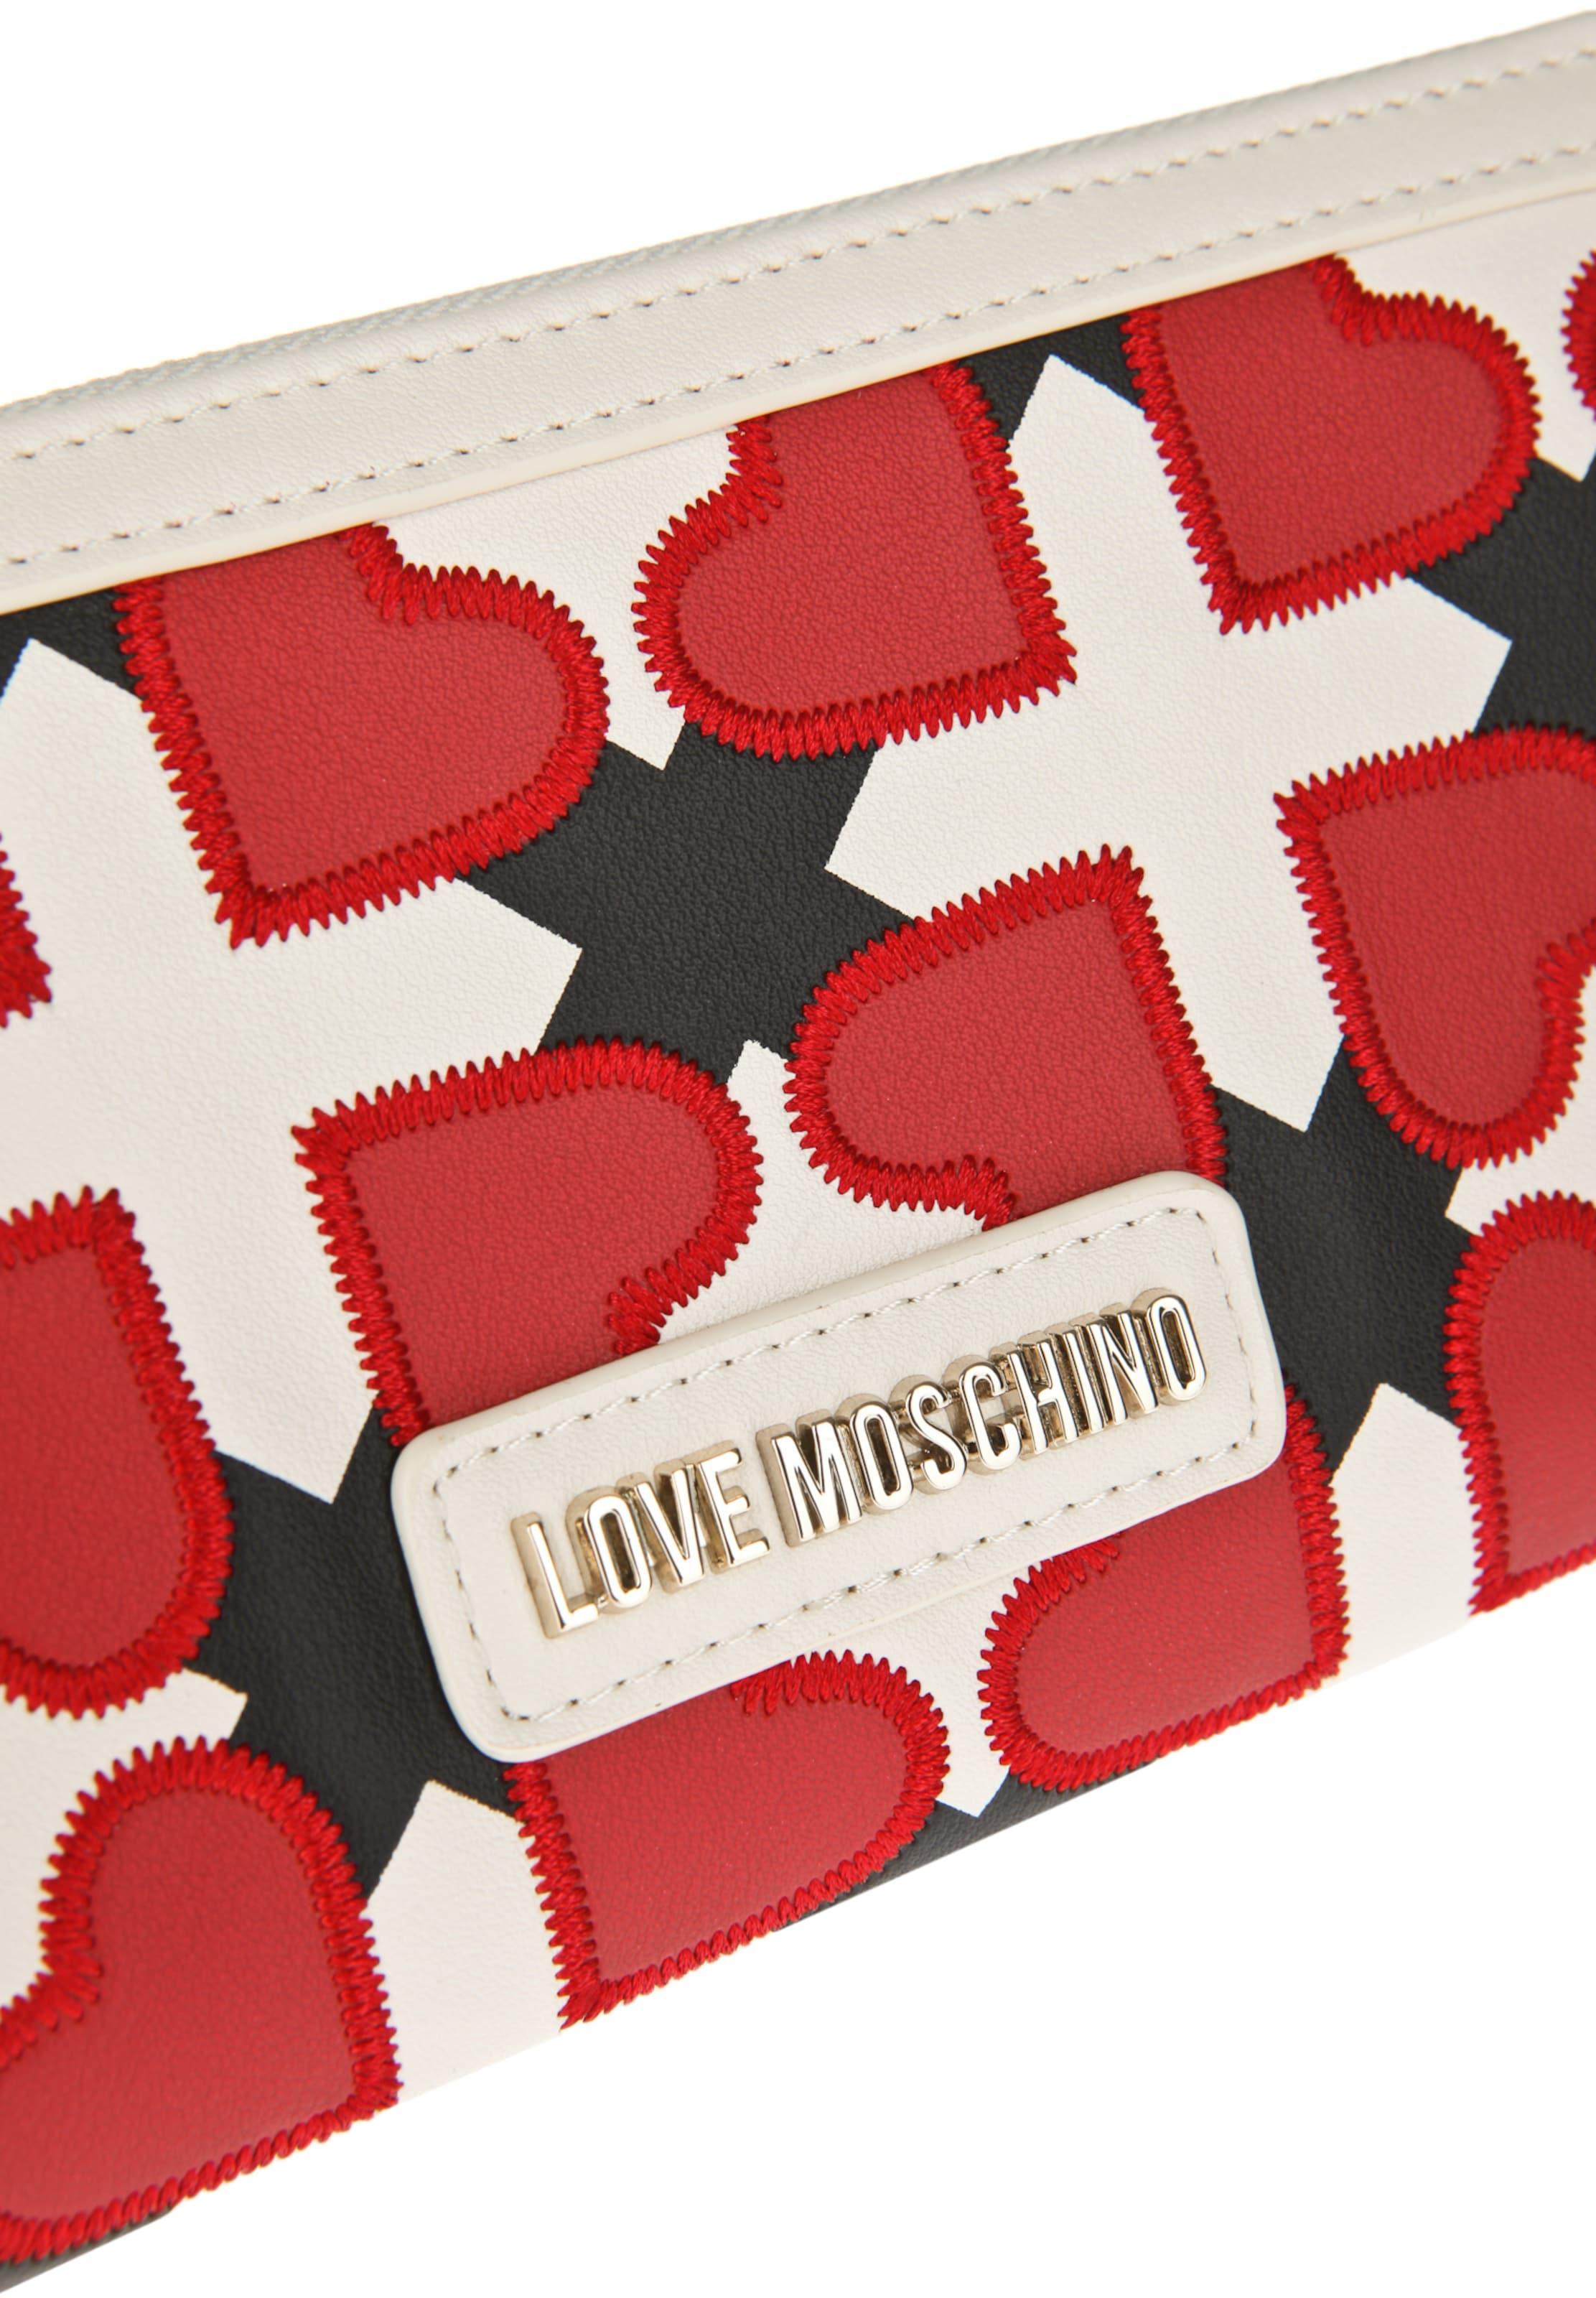 Love Herzmotiven Geldb枚rse Moschino mit Love Love mit Moschino Geldb枚rse Moschino Herzmotiven 7vfqdv